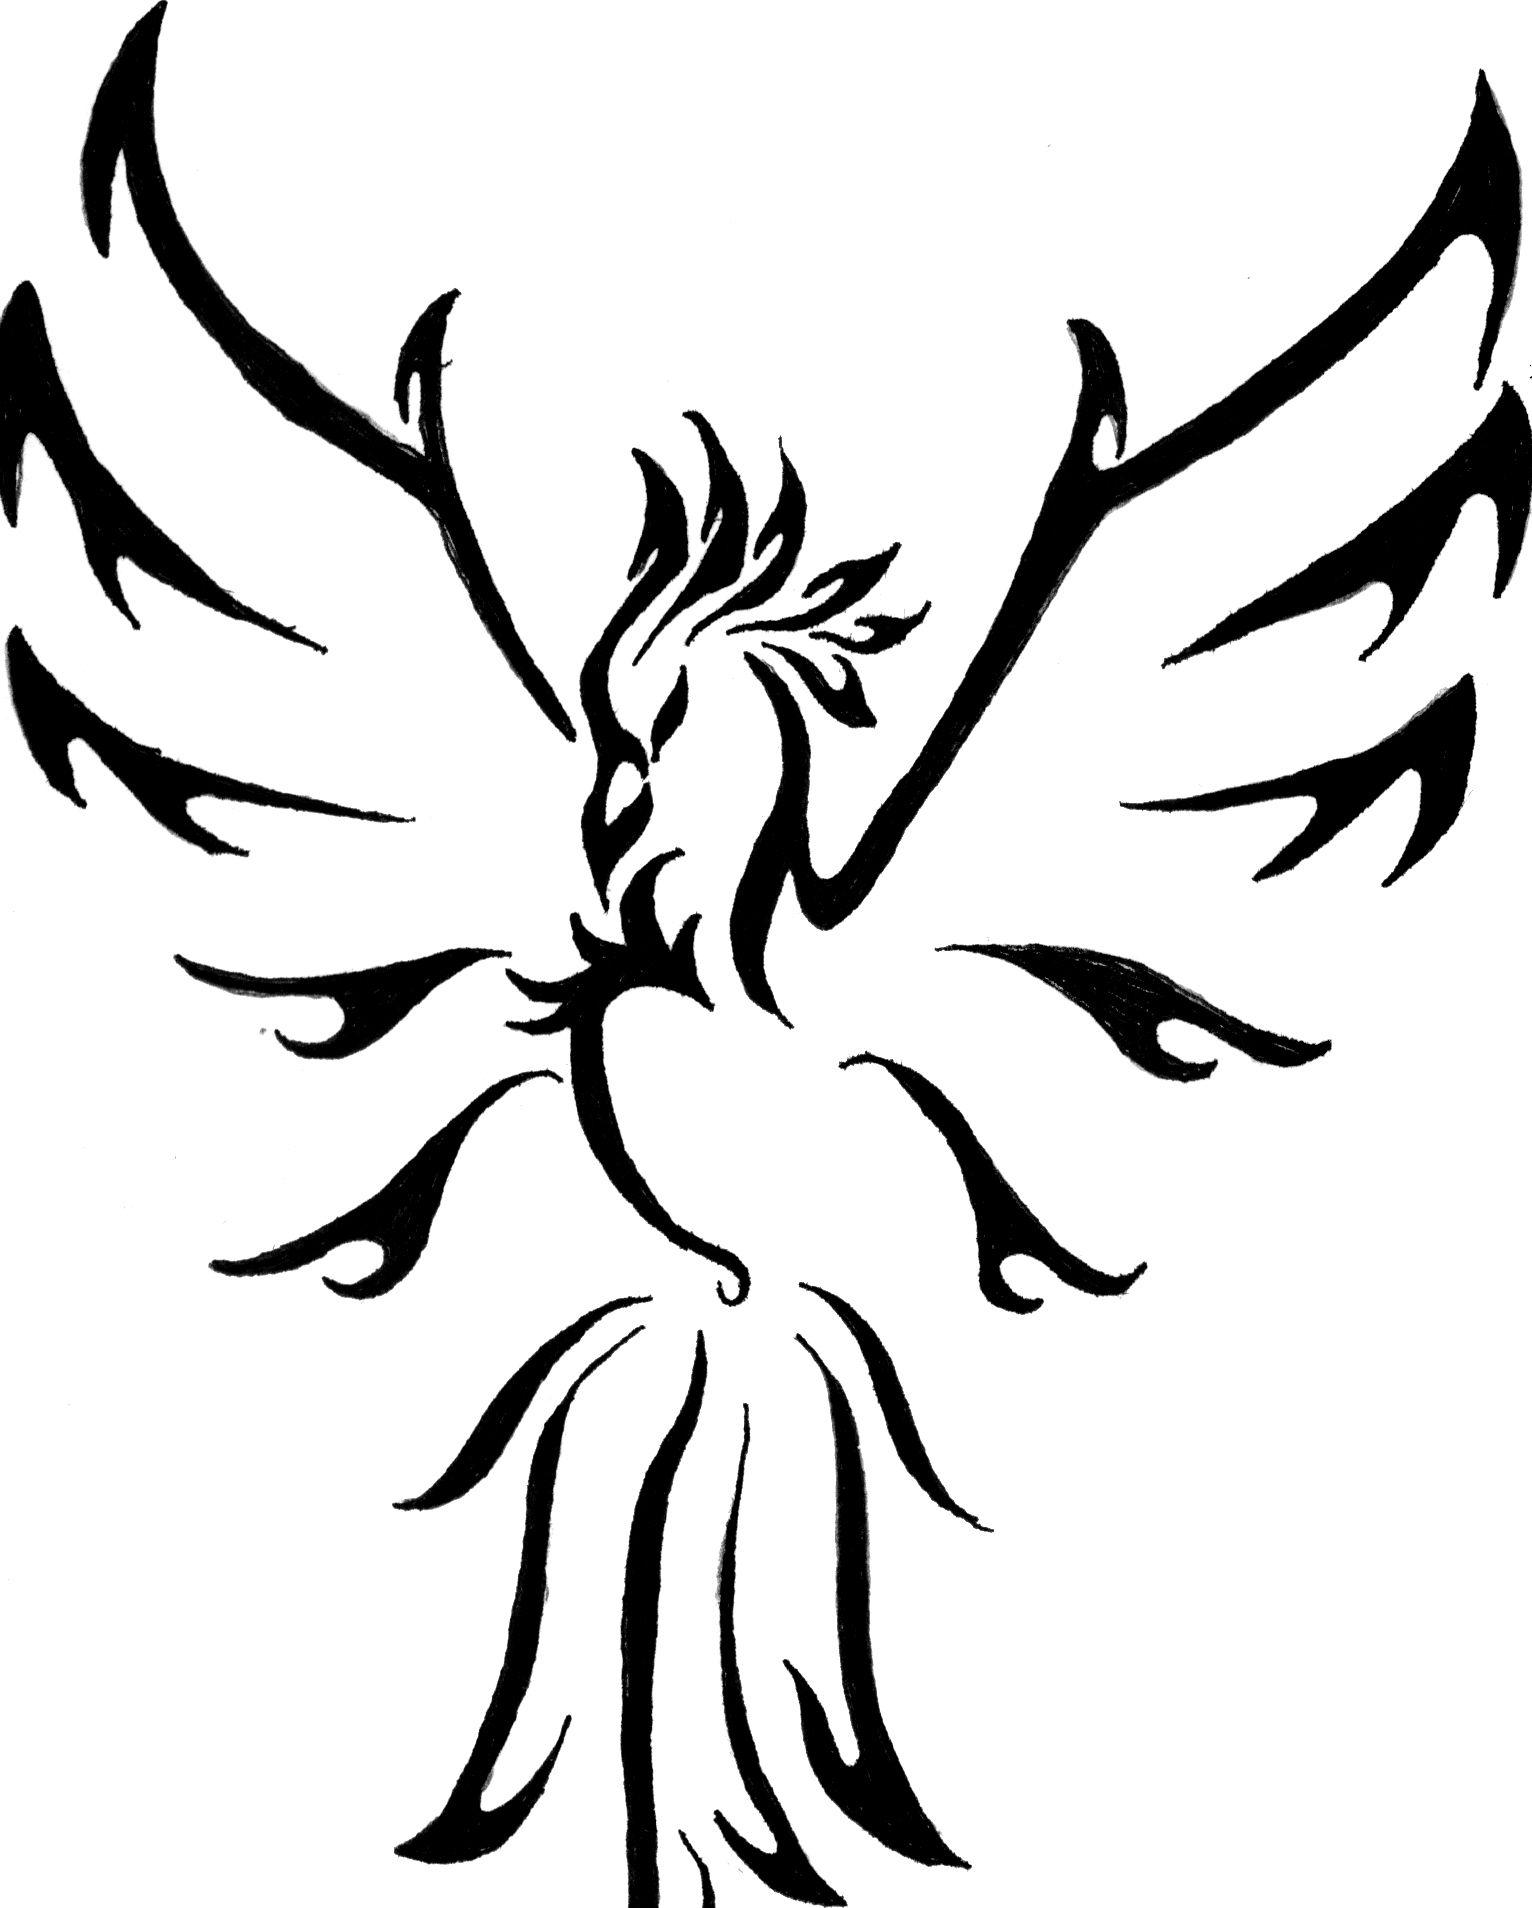 Tribal-Tattoos efddca62deaaeb49efa0e237fcdae0ea